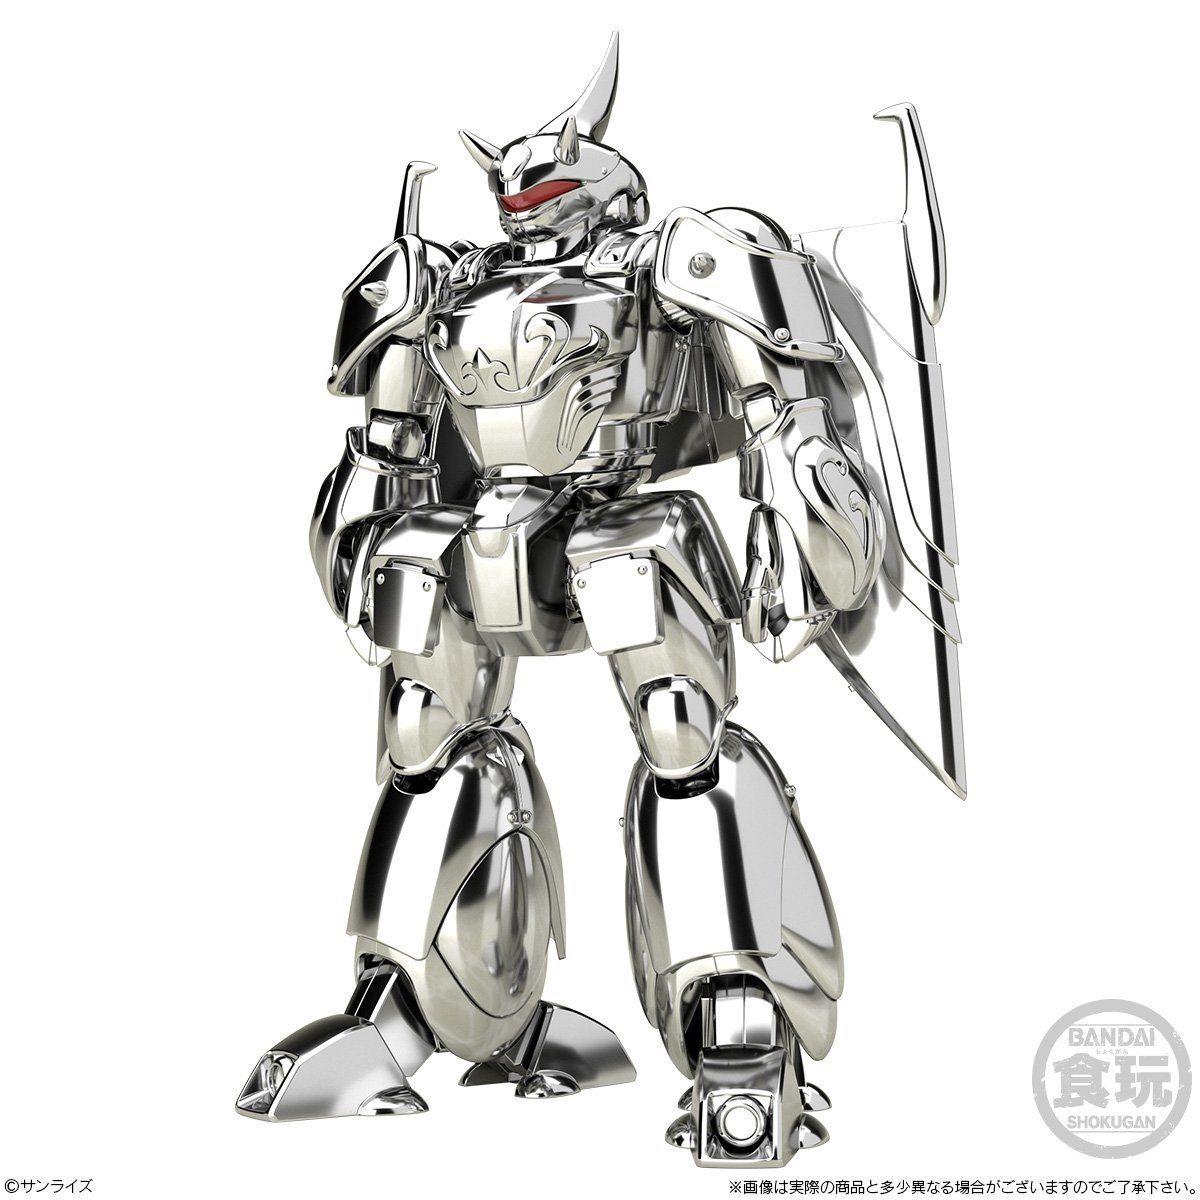 スーパーミニプラ『飛甲兵ウィンガル・ジー ハイ・シャルタット機 機甲界ガリアン』プラモデル-001